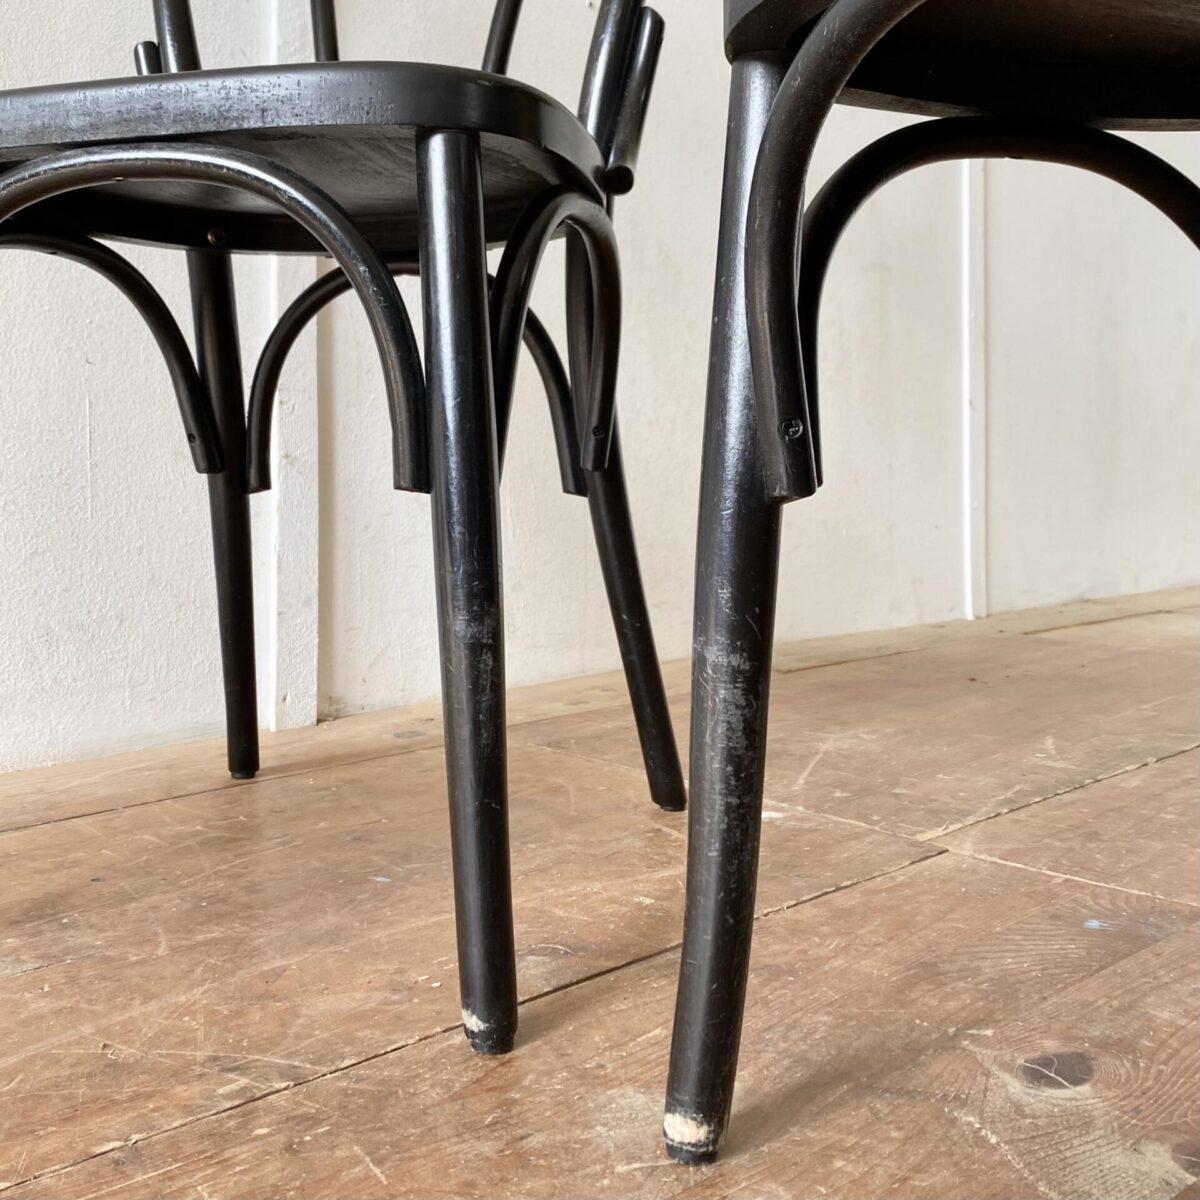 Deuxieme.shop Neuere schwarze Wienerstühle mit geprägten Sitzflächen. Preis pro Stuhl. Die Stühle sind in stabilem Zustand, diverse Farb-Abschürfungen.